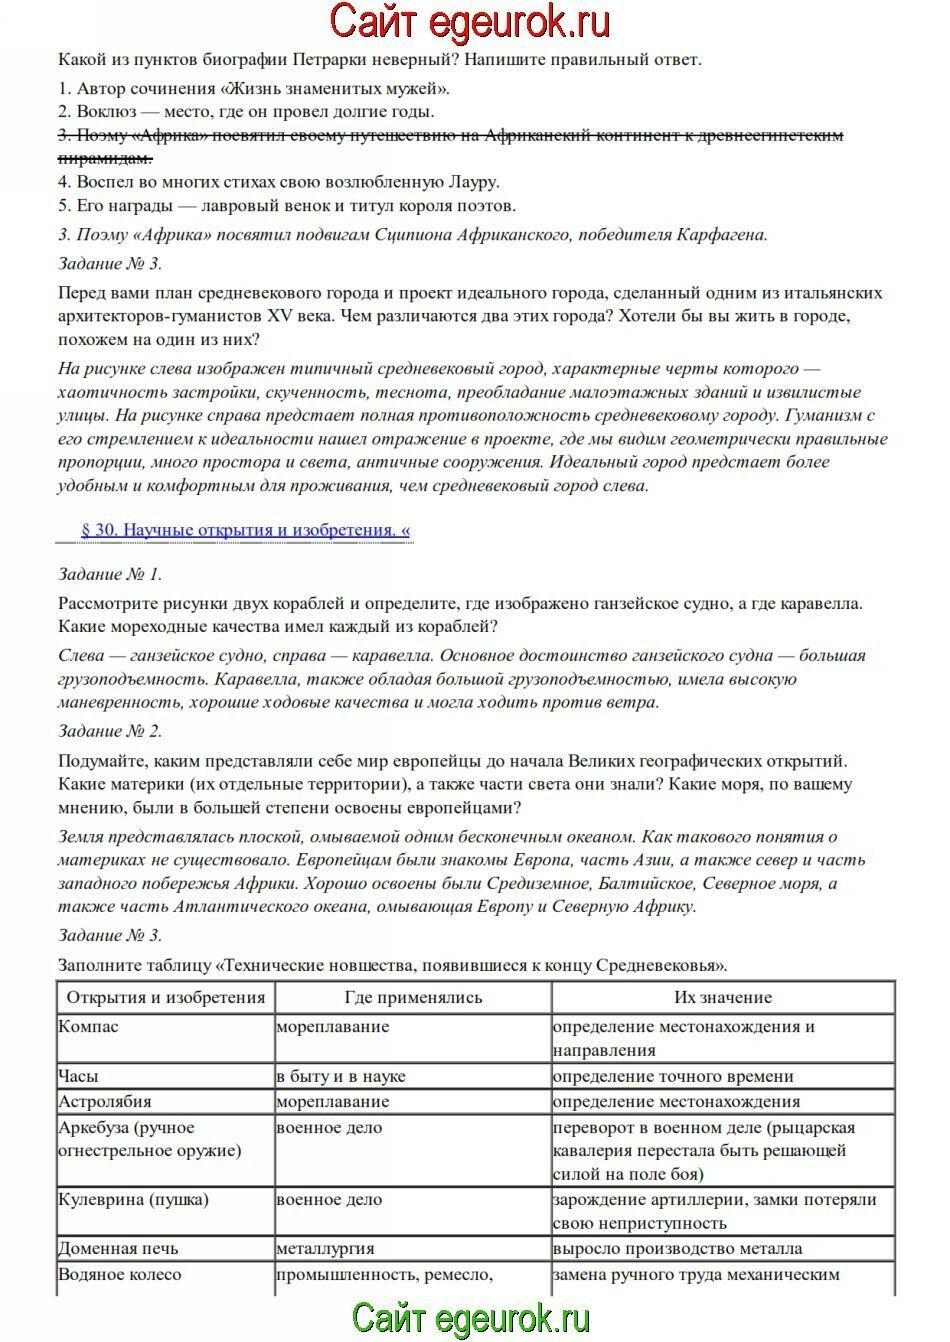 Полугодовое тестирование по обществознанию 10 класс ghjabkm